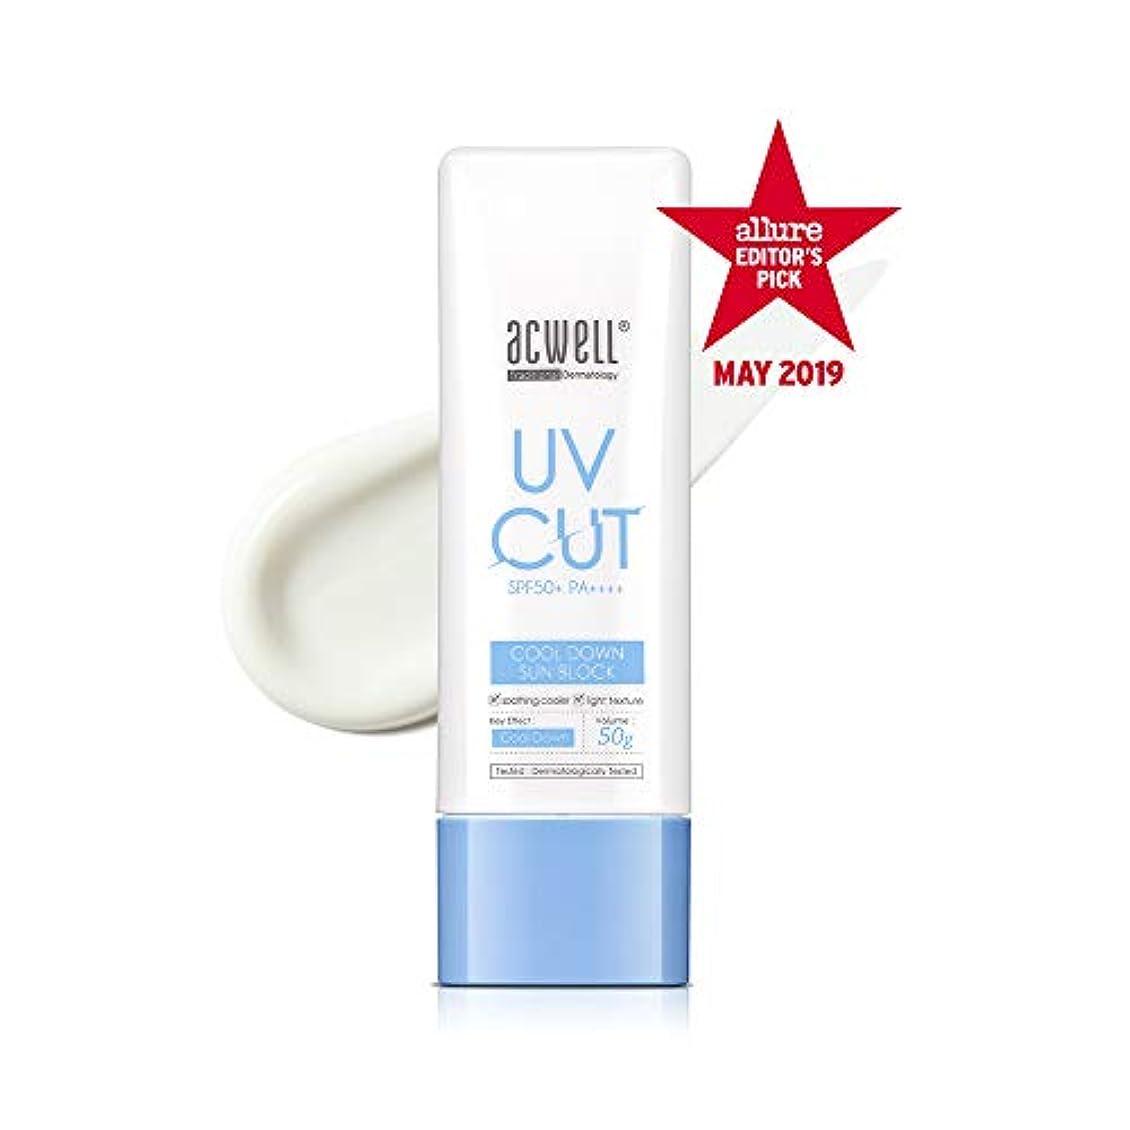 設置中央誇張するアクウェル ACWELL UV Cut Cool Down Sun Block クールダウン サンブロック 50g, SPF50+ PA++++ [Made in Korea]